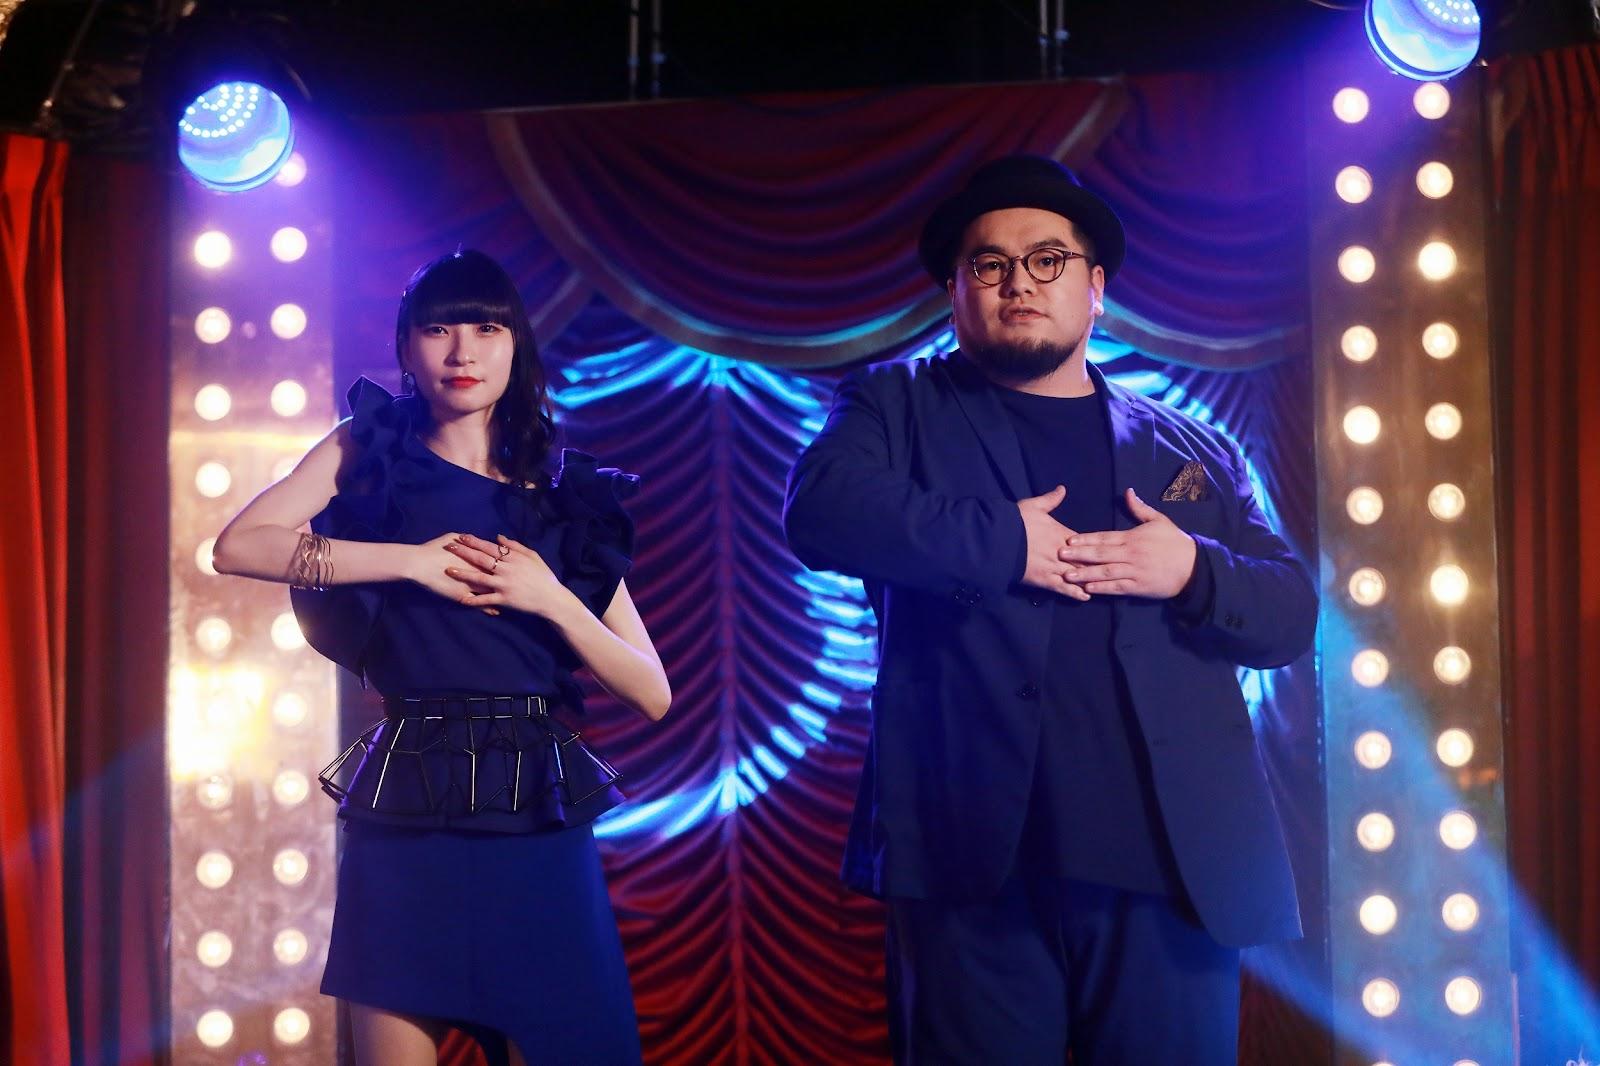 『苦い苦い苦い』MVご出演のピンキー!(藤咲彩音)さん・ワタナベシュウヘイさん